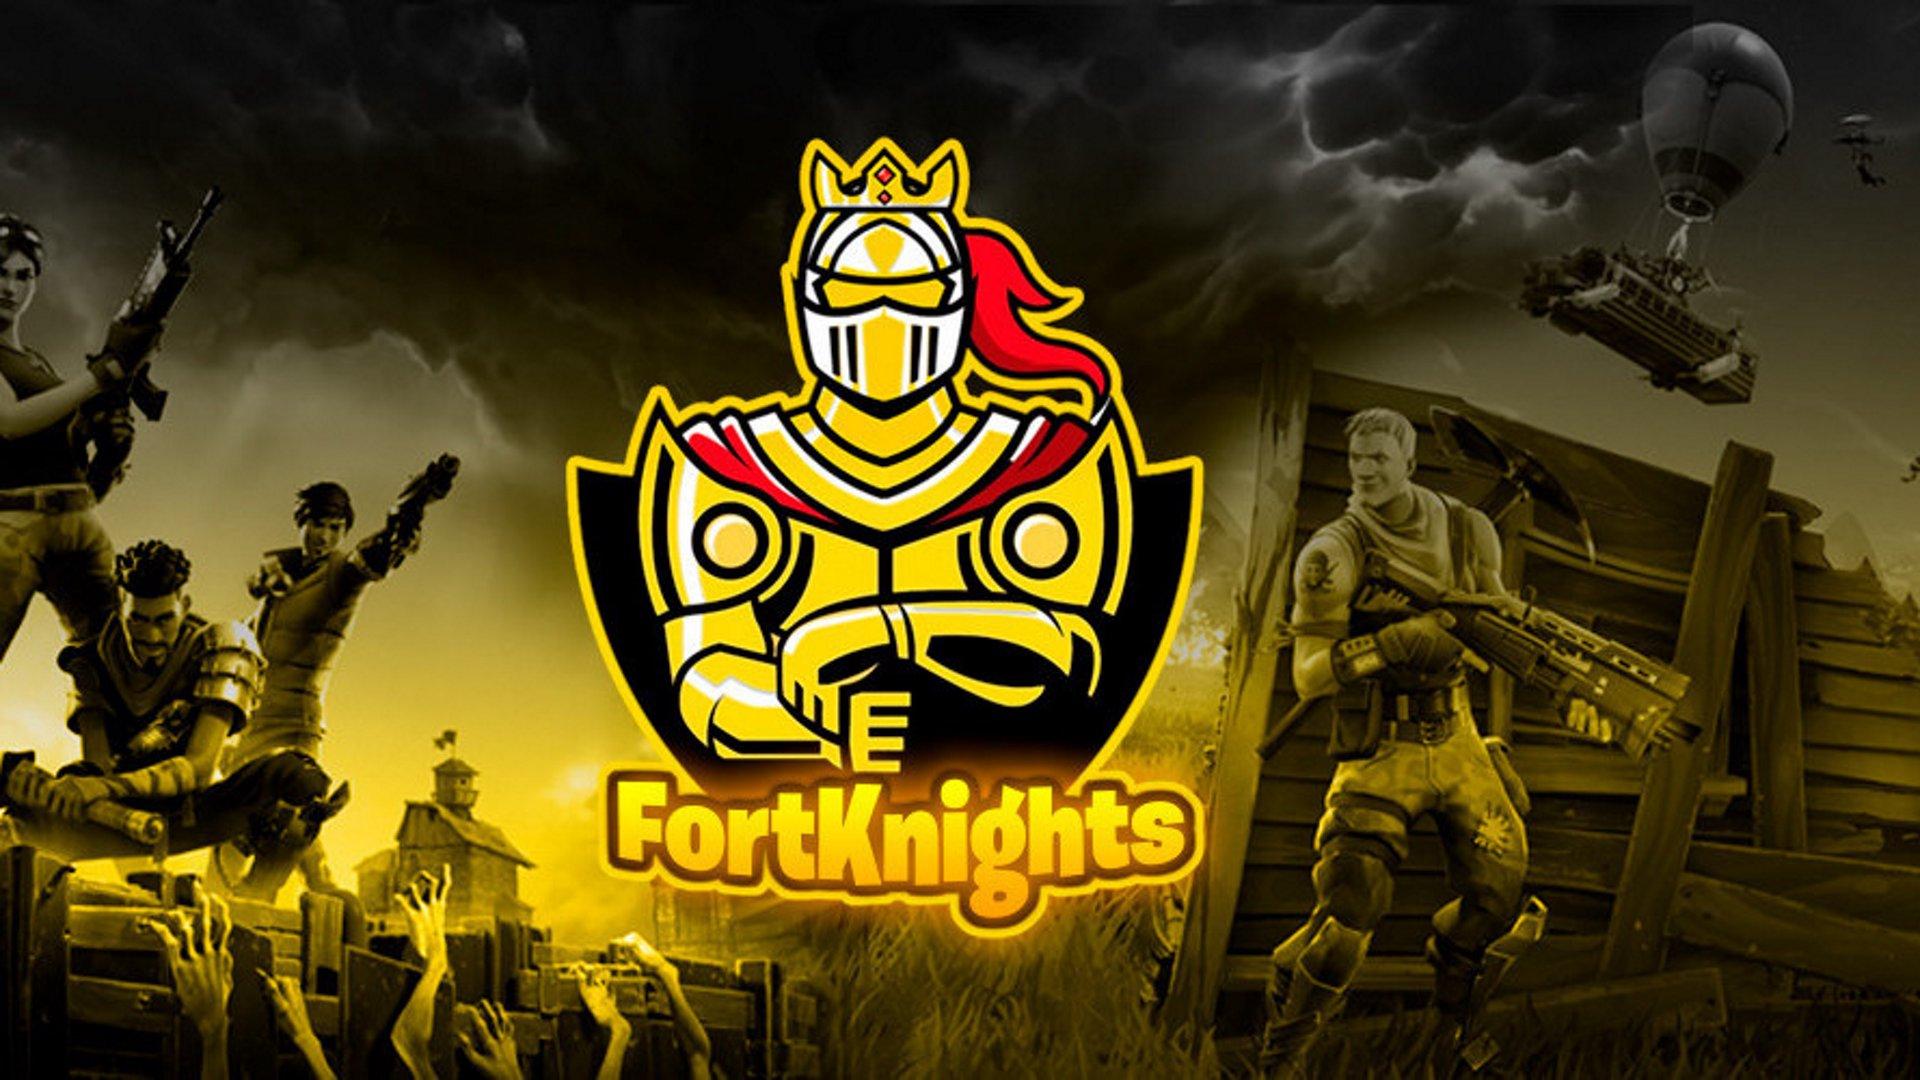 FortKnightsTM